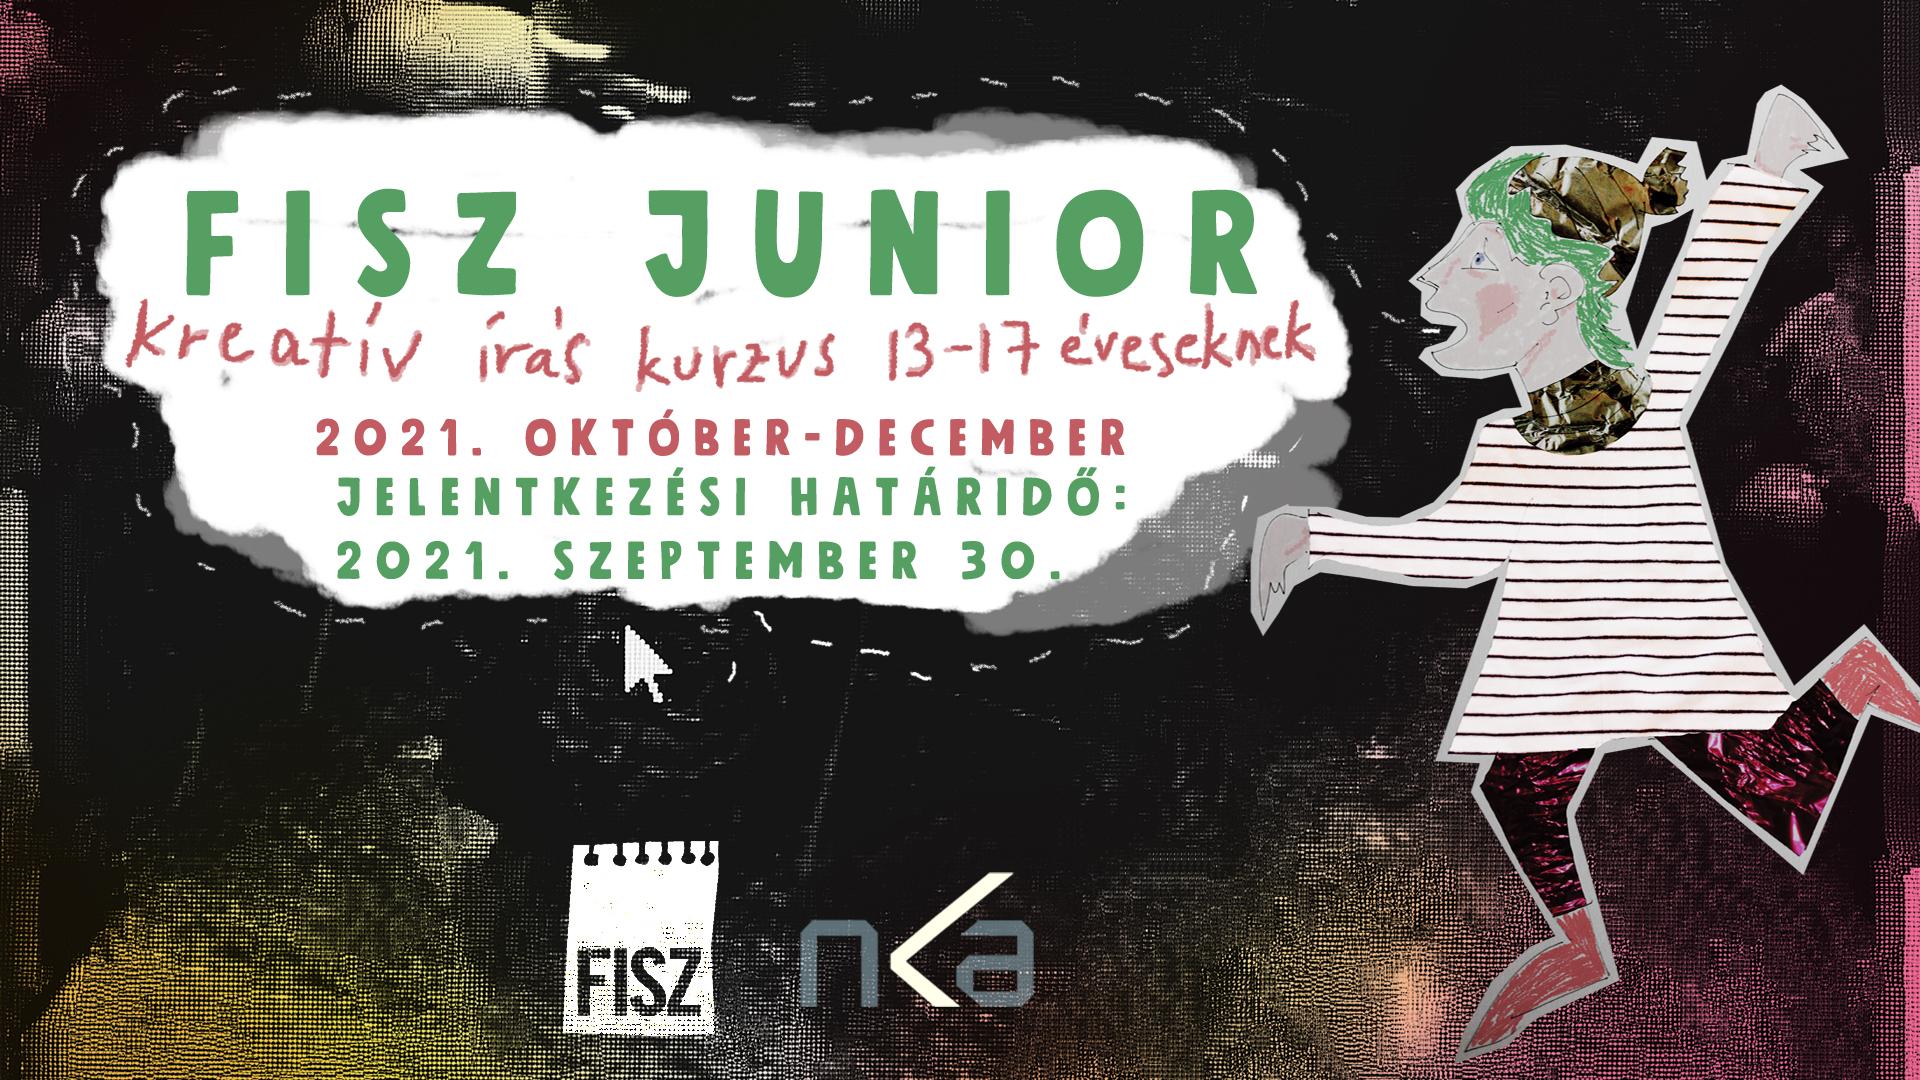 FISZ Junior